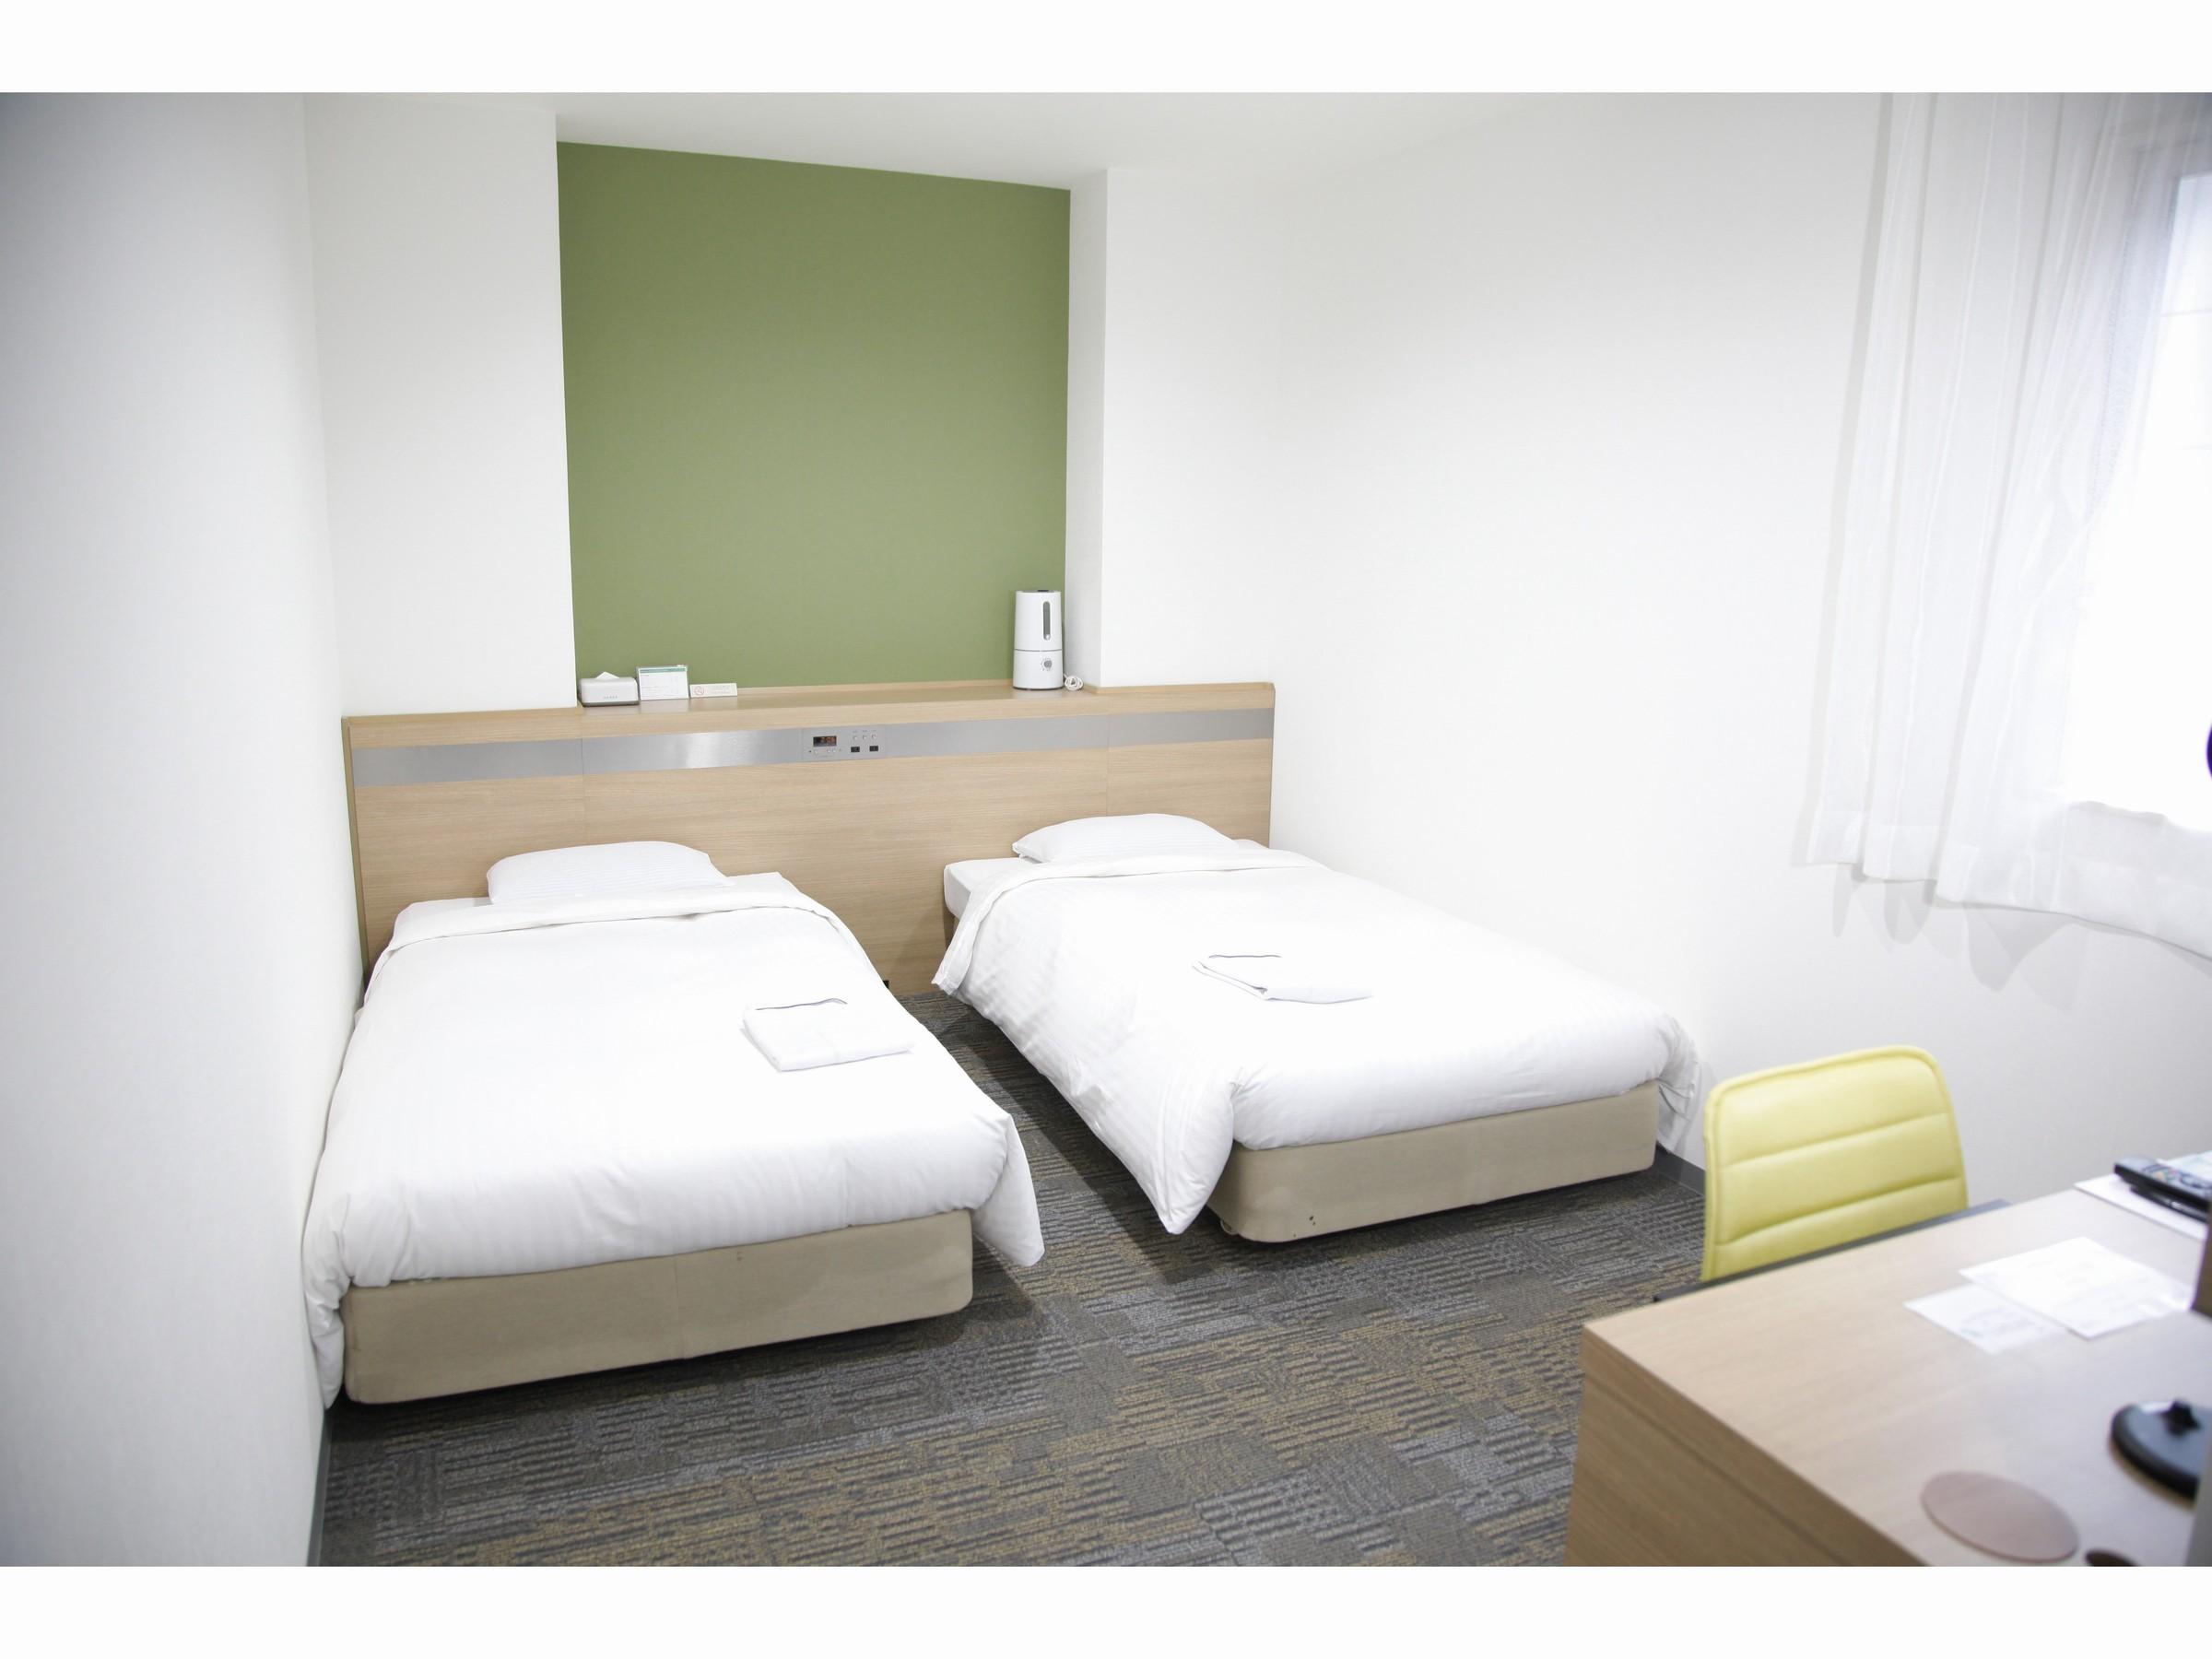 ホテル メルパルク大阪 関連画像 3枚目 楽天トラベル提供